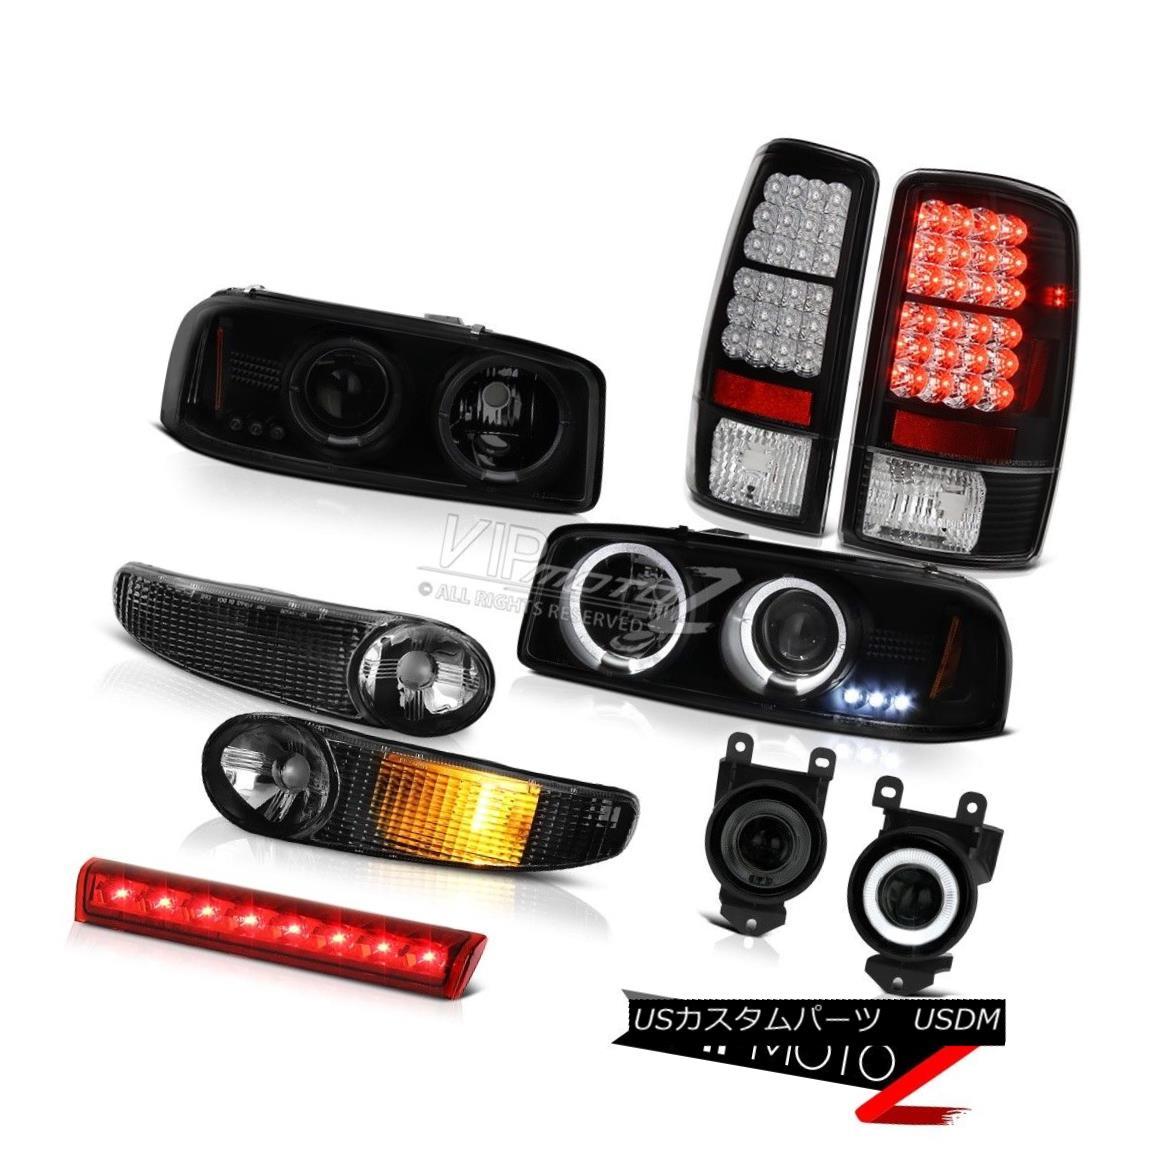 テールライト Halo LED Headlight 2001-2006 Yukon Parking SMD Tail Lamps Bumper Red Third Brake Halo LEDヘッドライト2001-2006ユーコンパーキングSMDテールランプバンパーレッド第3ブレーキ